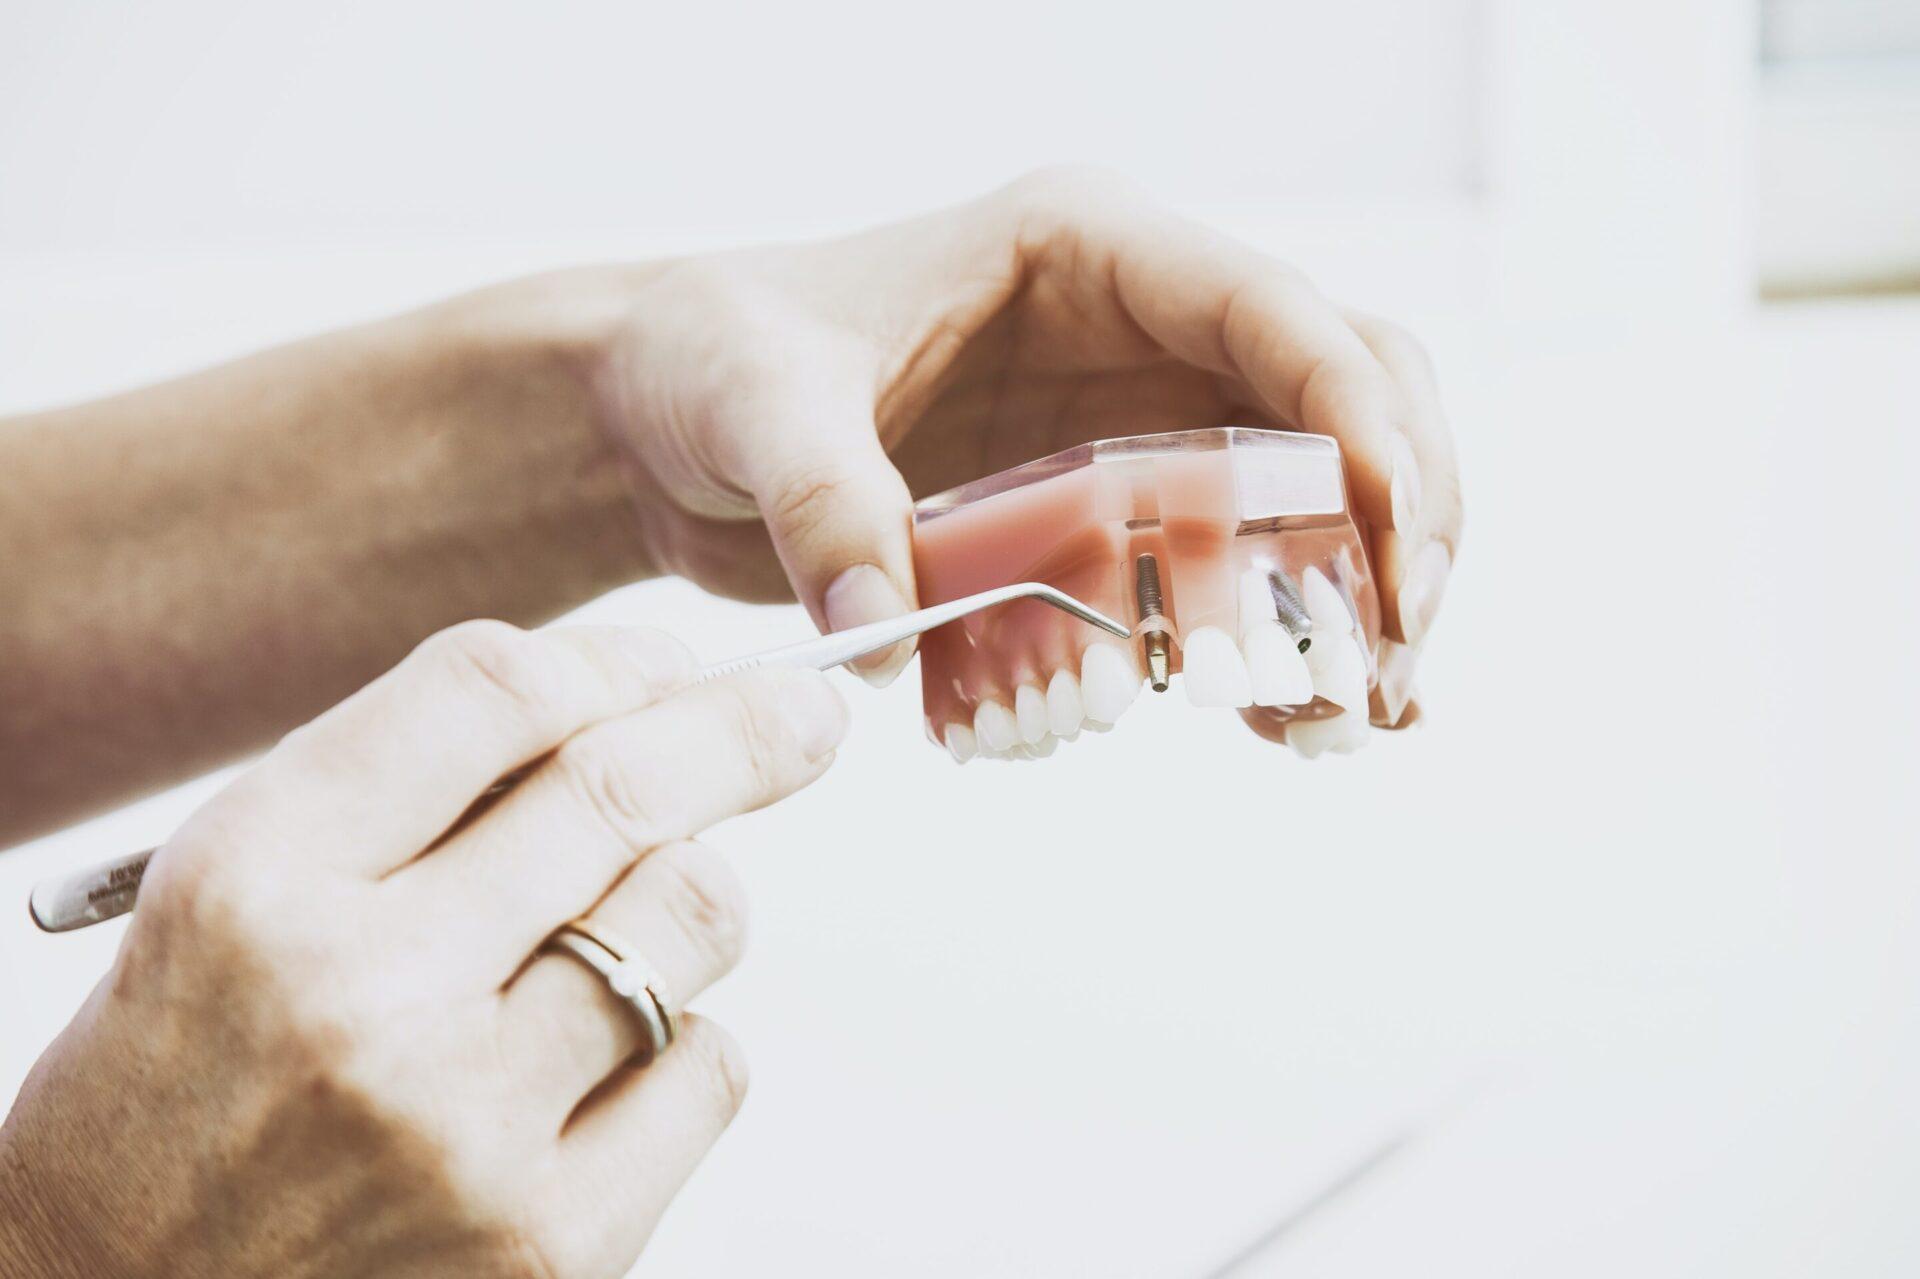 rigetto impianto dentale - dottor giuseppe cicero